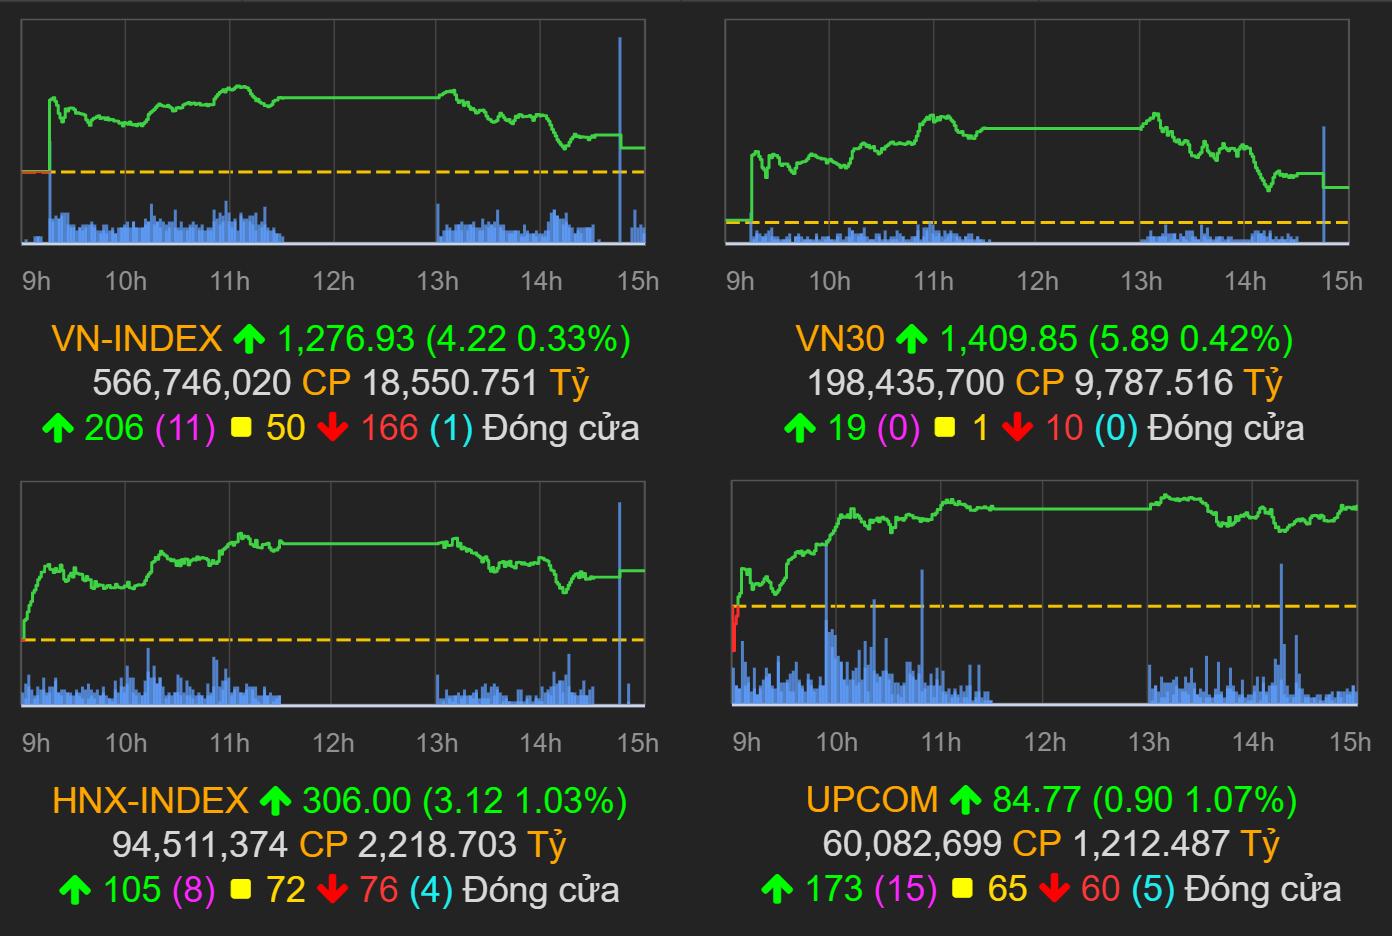 Thị trường chứng khoán (27/7): Lực bán gia tăng cuối phiên, VN-Index chỉ còn tăng hơn 4 điểm - Ảnh 1.